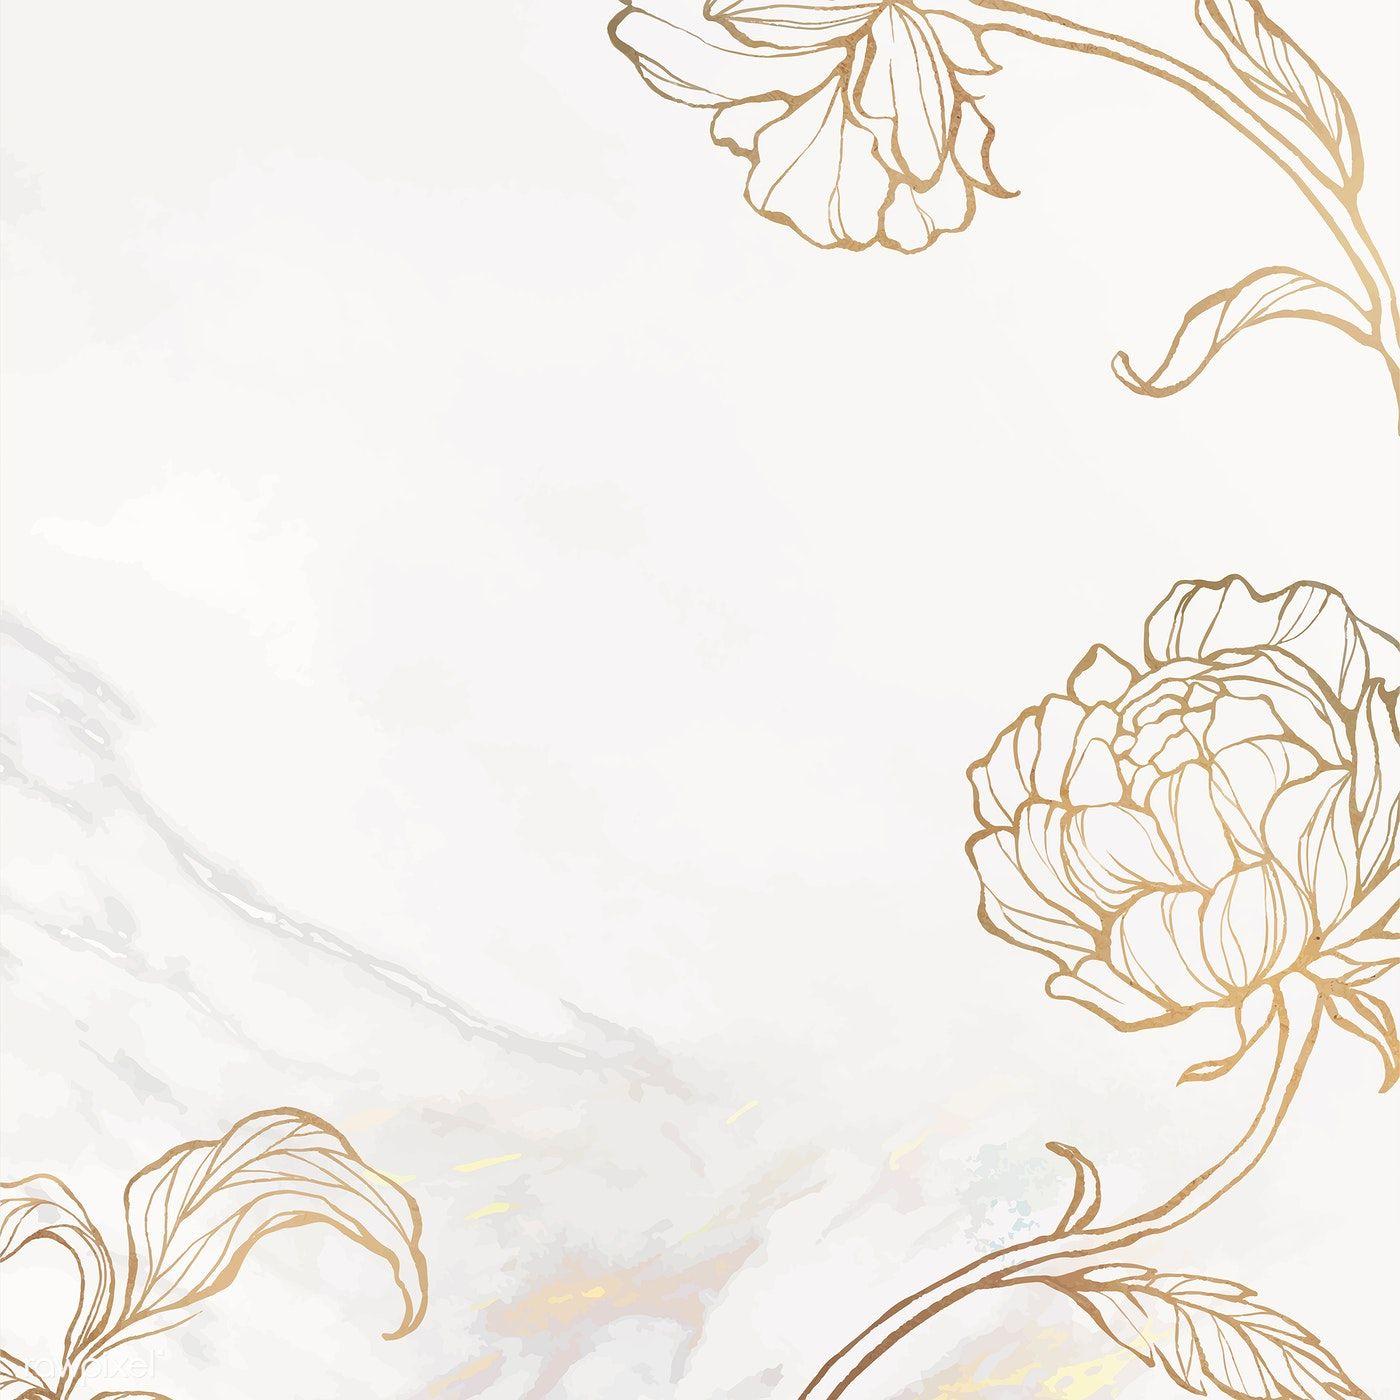 Download Premium Illustration Of Gold Floral Outline On Marble Background Floral Background Marble Background Background Vintage